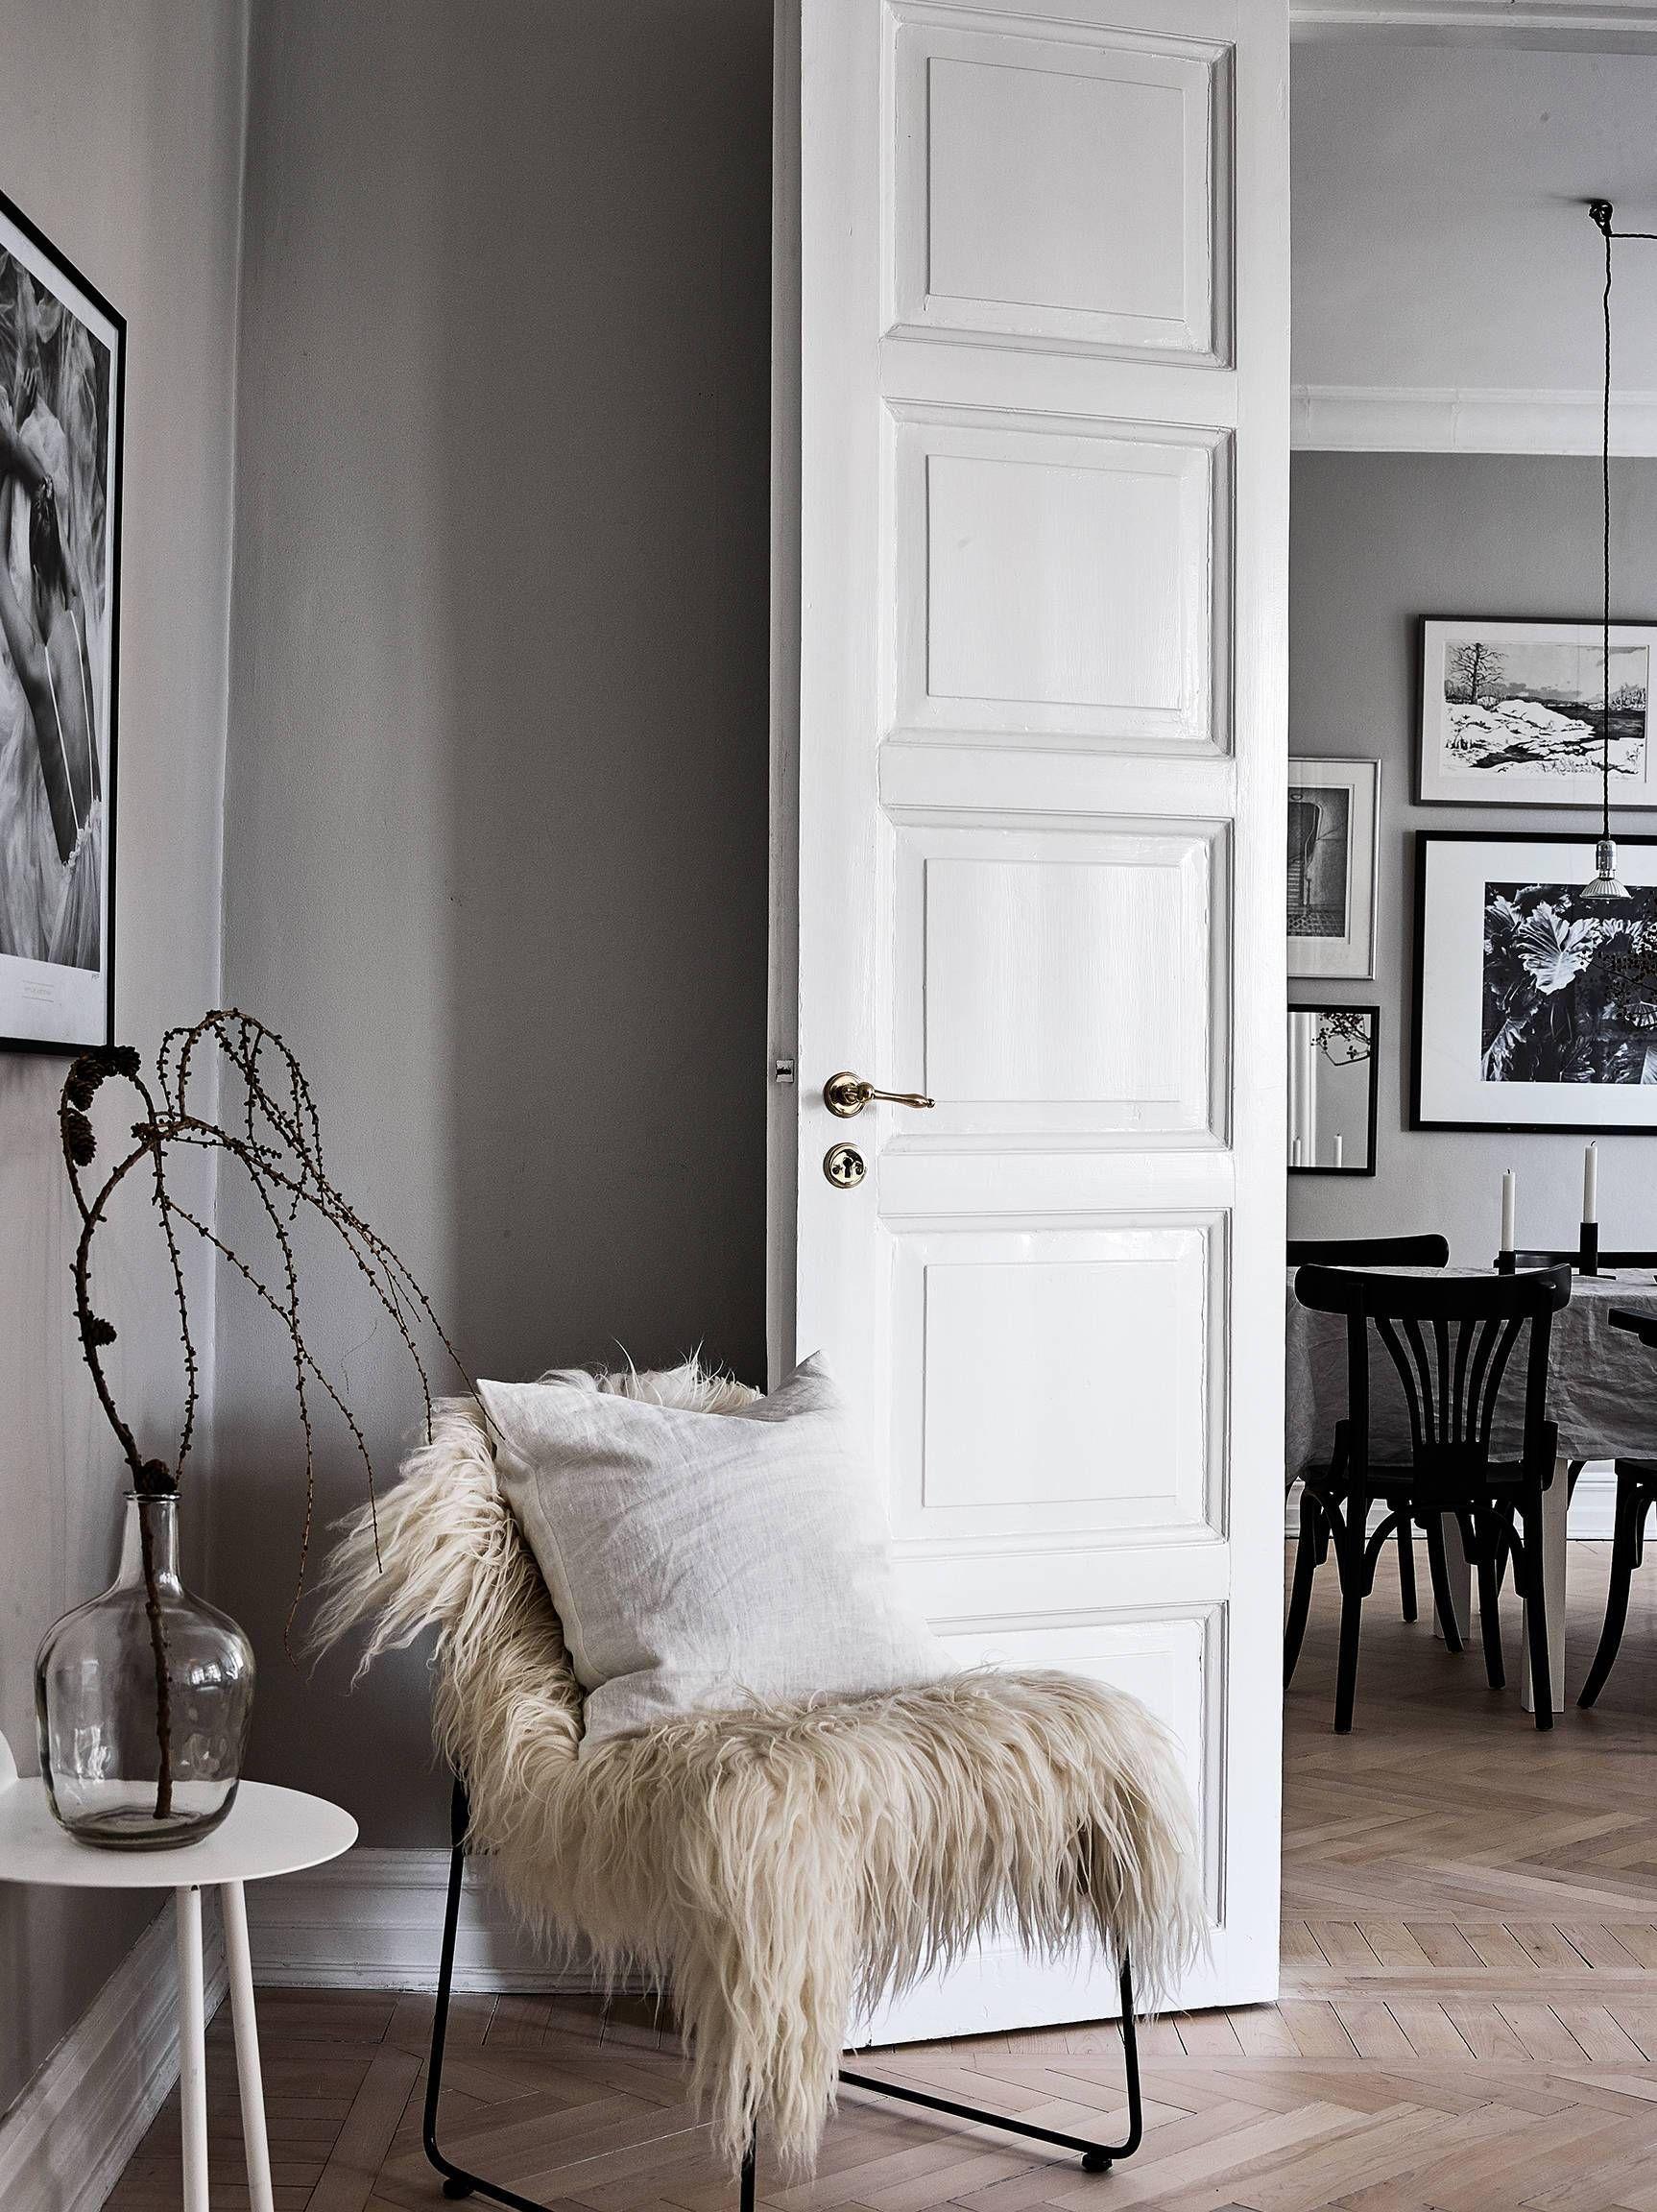 Paredes grises y carpinter a blanca industrial nooks - Decoracion paredes grises ...